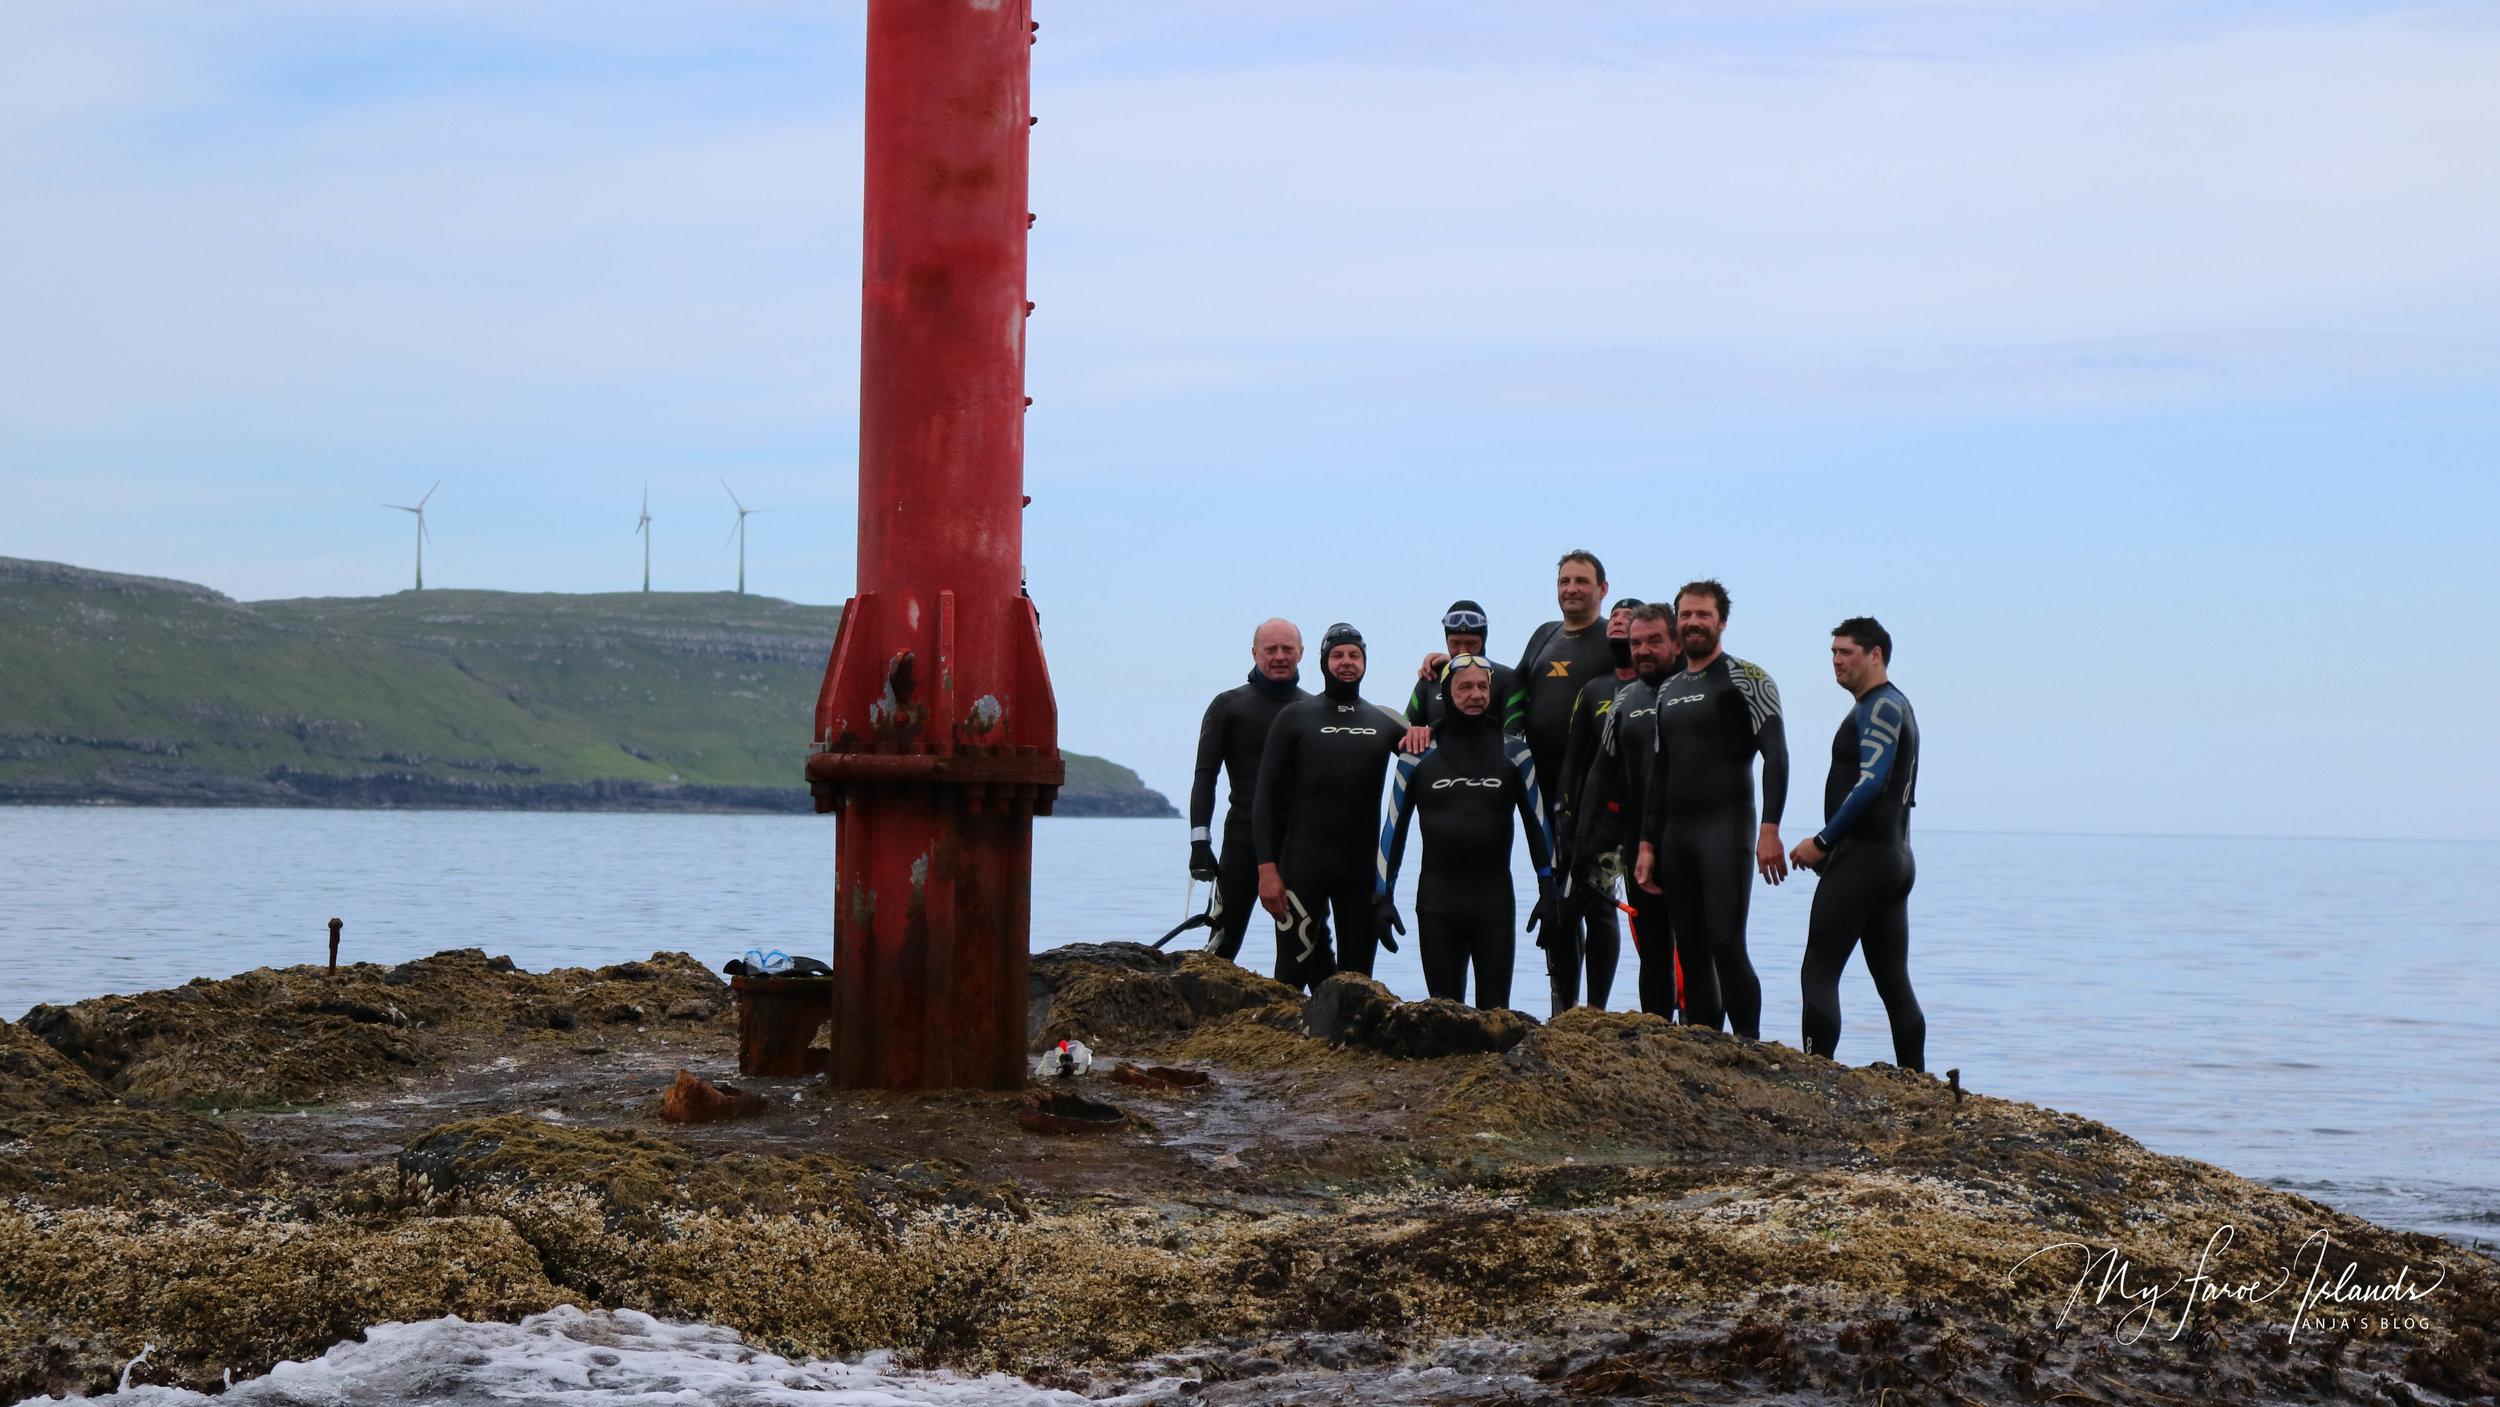 The Magnificent Nine: Erlendur Simonsen (left), Eyðun Húsgarð, Sámal Olsen, Leivur Michelsen, Jon Hestoy, Eyðun Bærentsen, Jákup Enni, Erling Eidesgaard and Remi Lamhauge